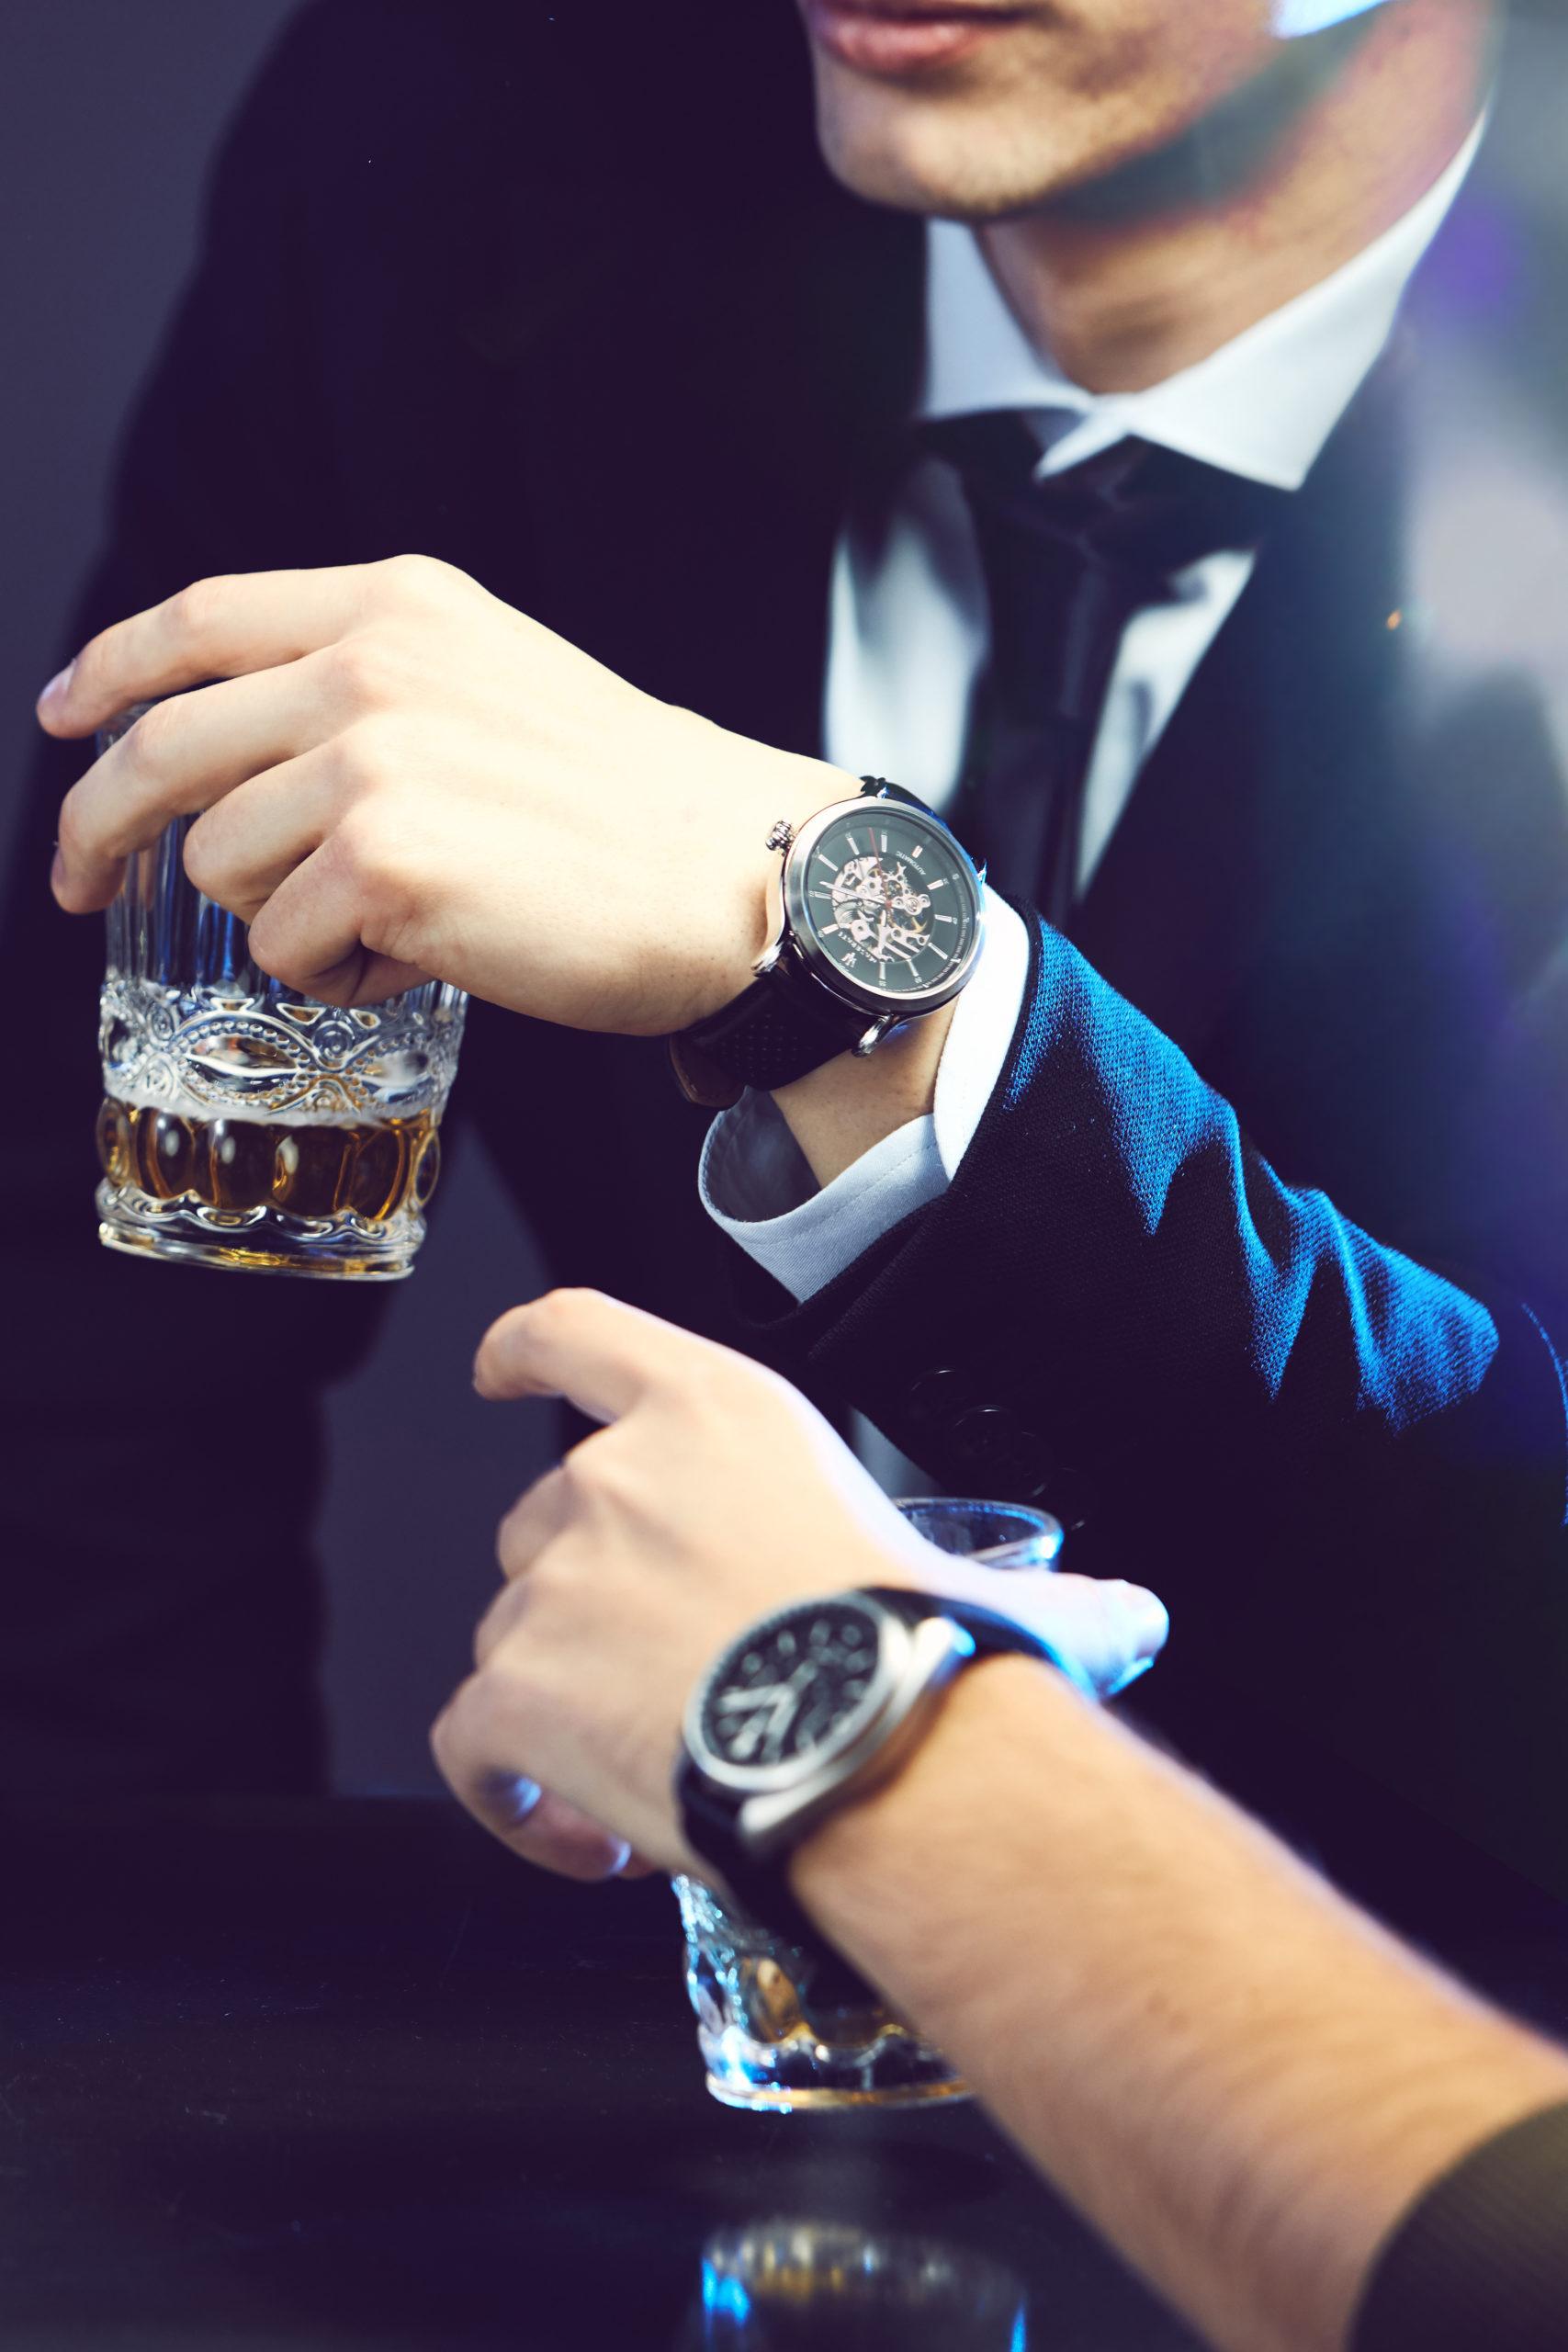 Fotografia Commerciale corporate Gioiapura gioielli Biella Zin